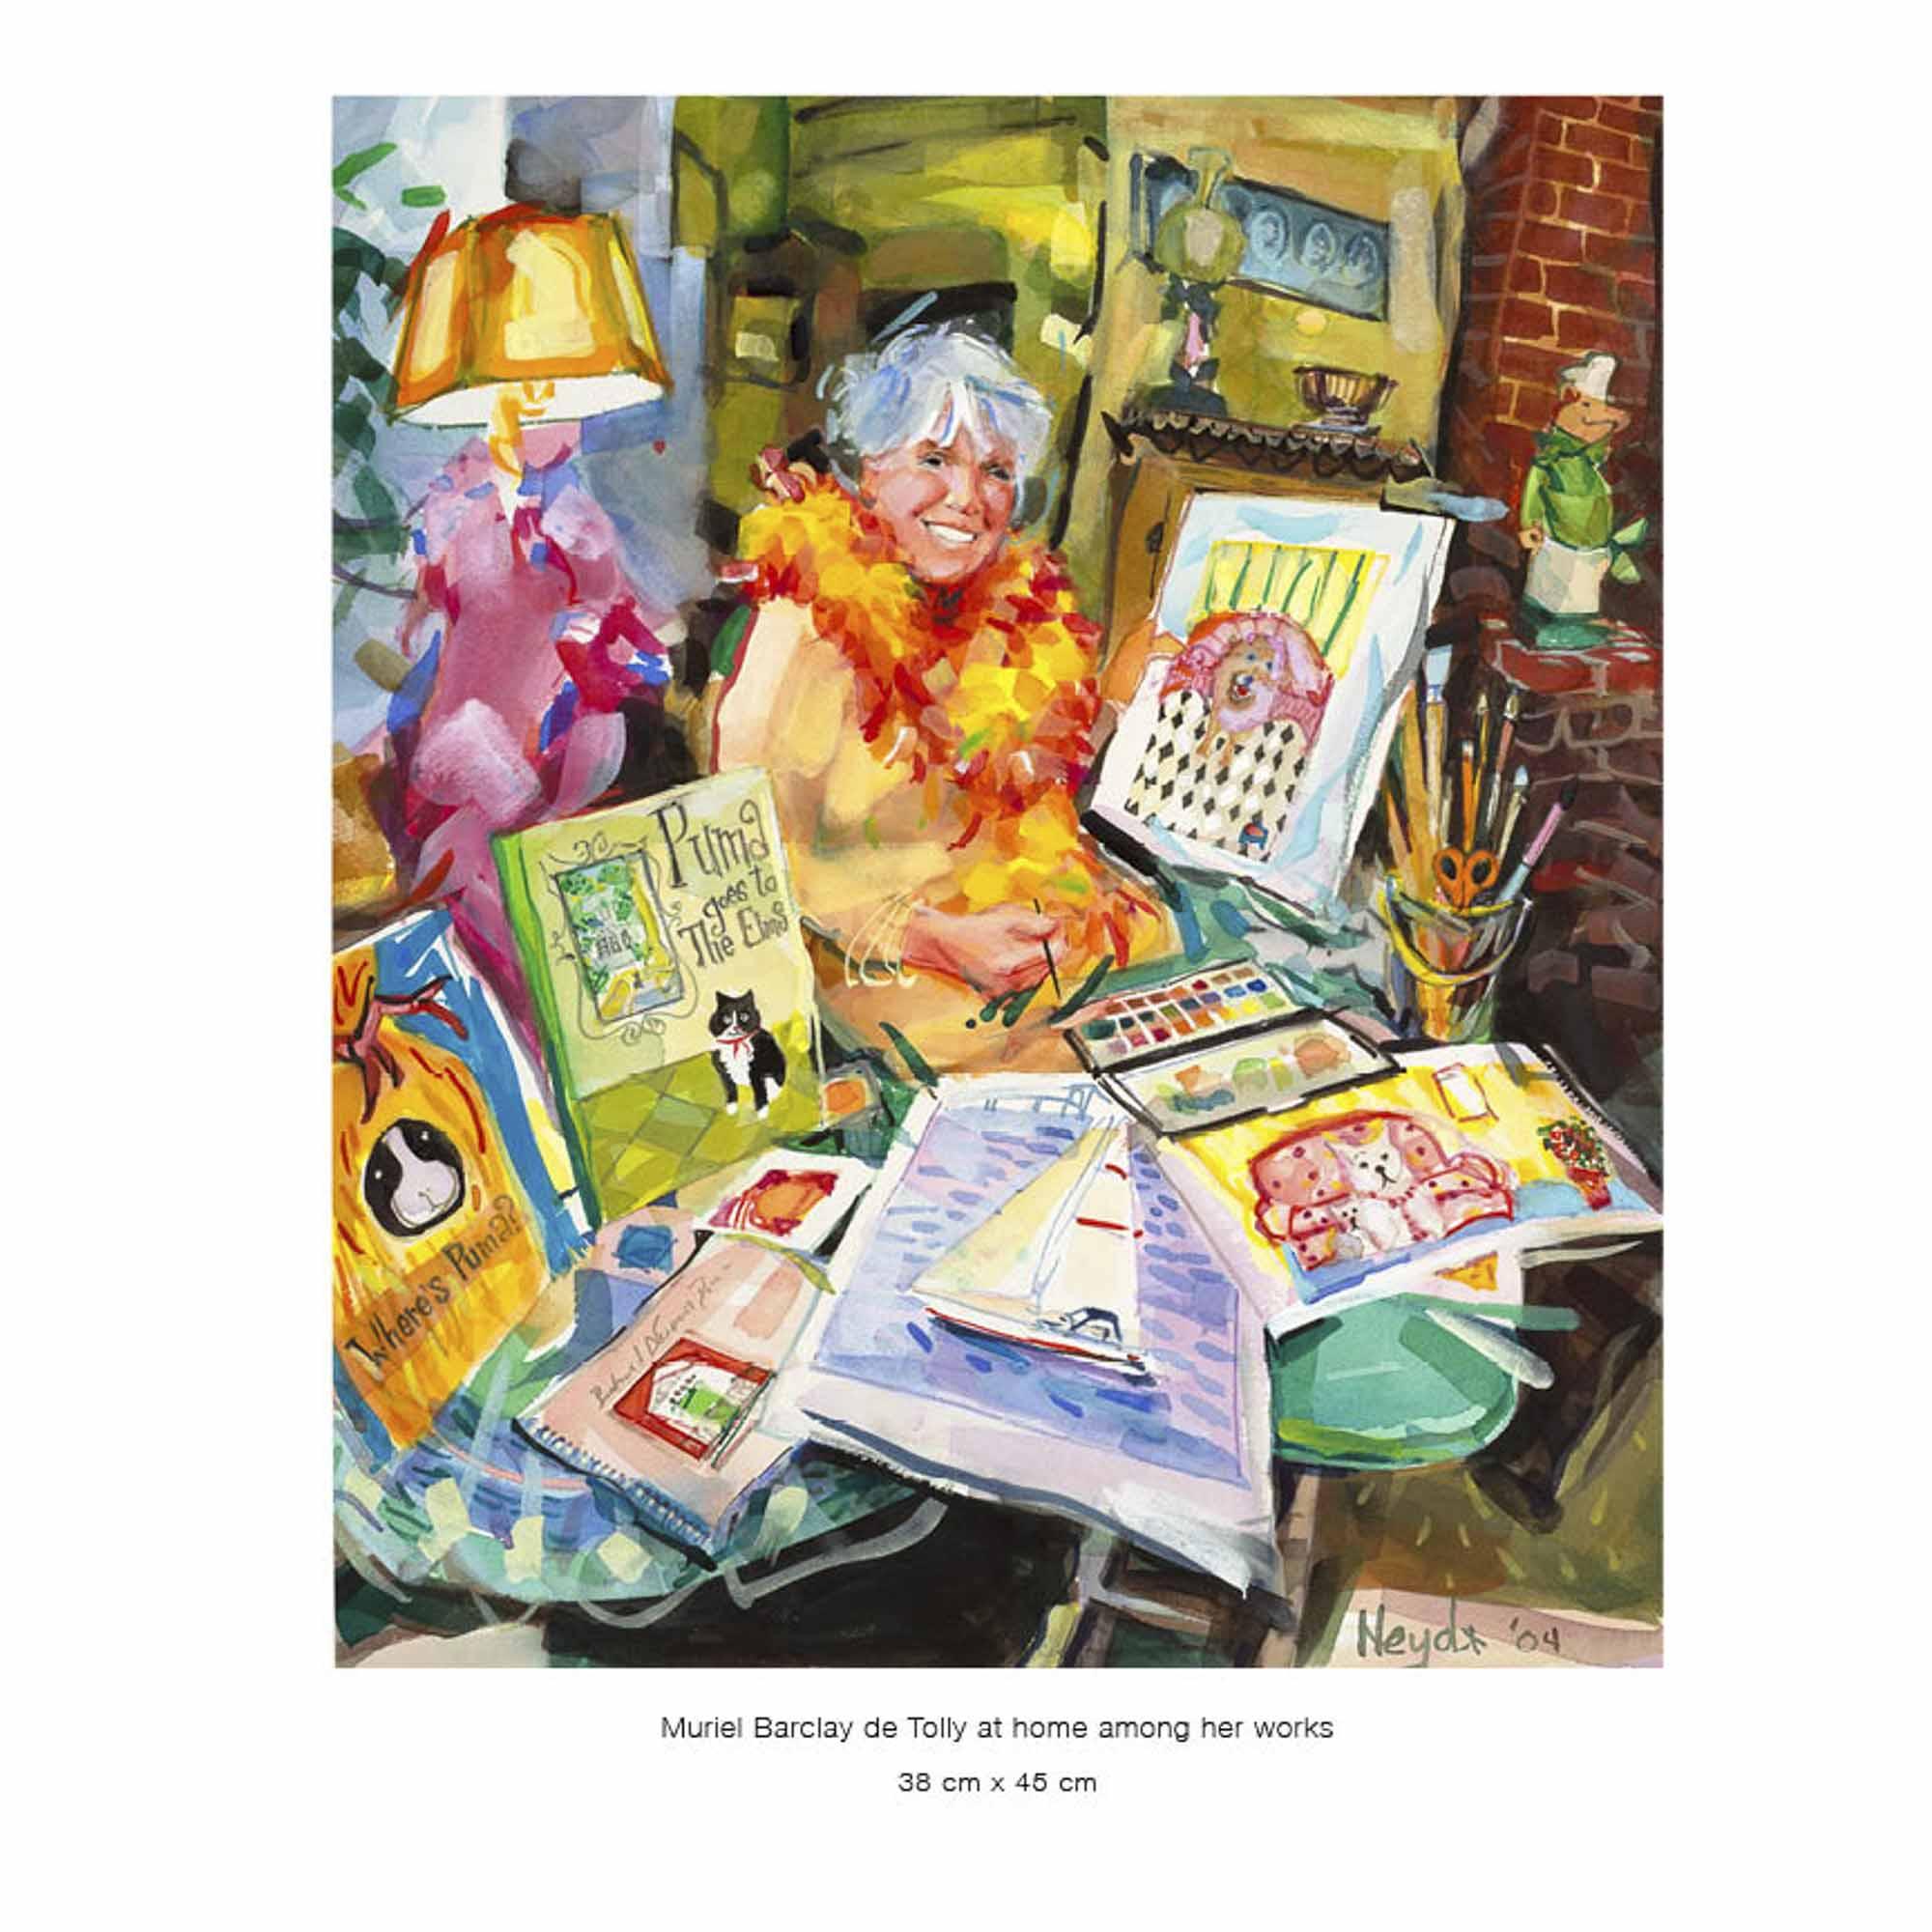 Book 5 - Newportant People Too11.jpg